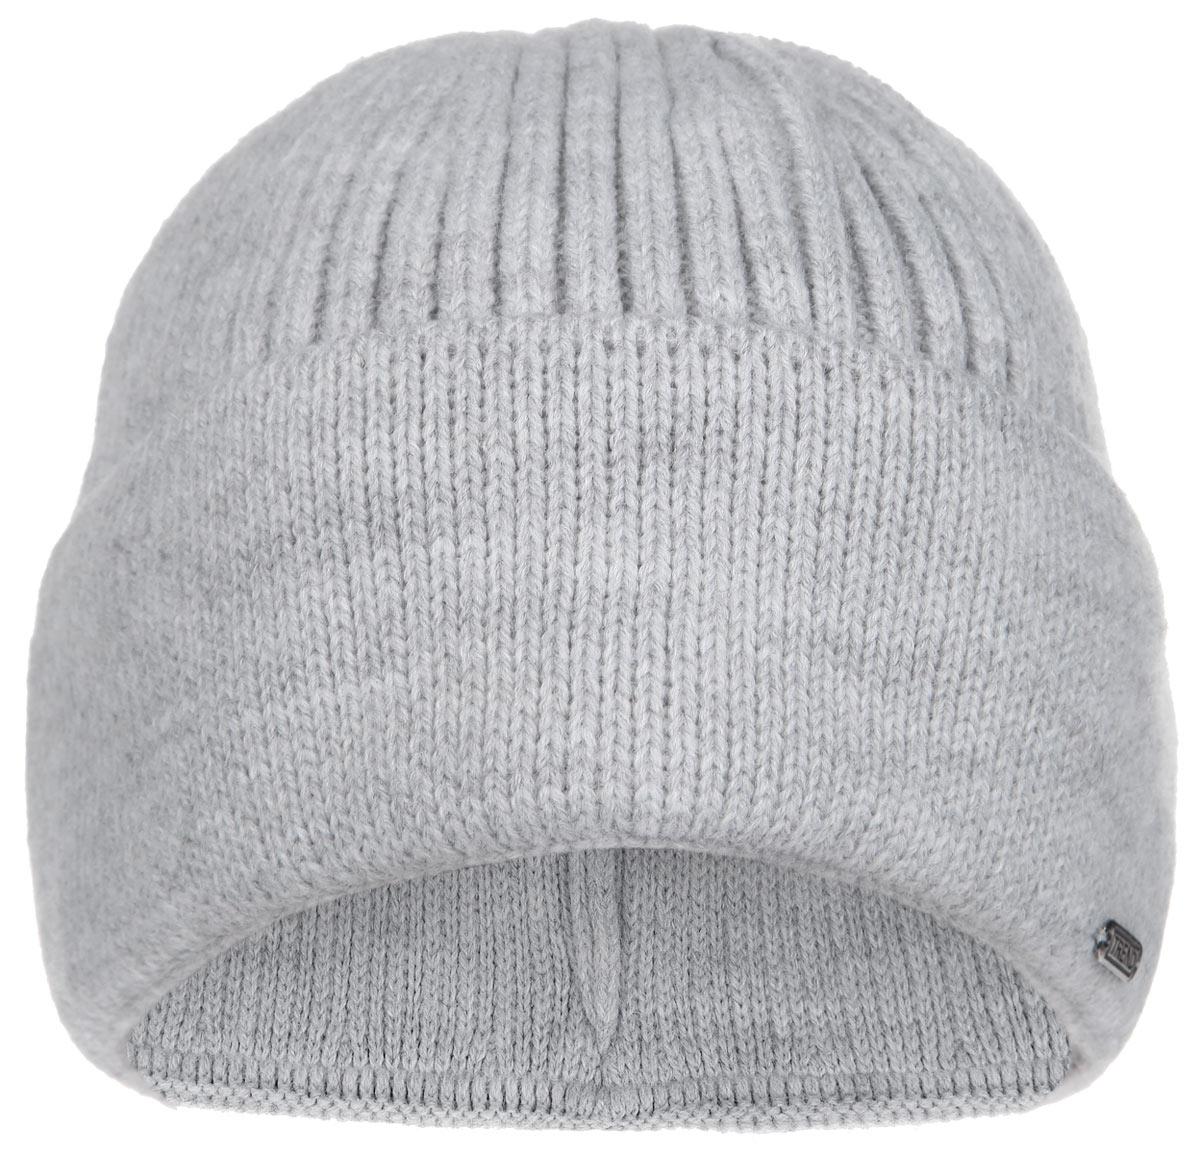 Шапка мужская. 5-006-0465-006-046Вязаная мужская шапка Flioraj отлично дополнит ваш образ в холодную погоду. Шапка выполнена простой вязкой из мягкой пряжи, которая не доставит дискомфорта при носке. Сочетание шерсти и акрила максимально сохраняет тепло и обеспечивает удобную посадку. Теплая шапка с отворотом станет отличным дополнением к вашему осеннему или зимнему гардеробу, в ней вам будет уютно и тепло!